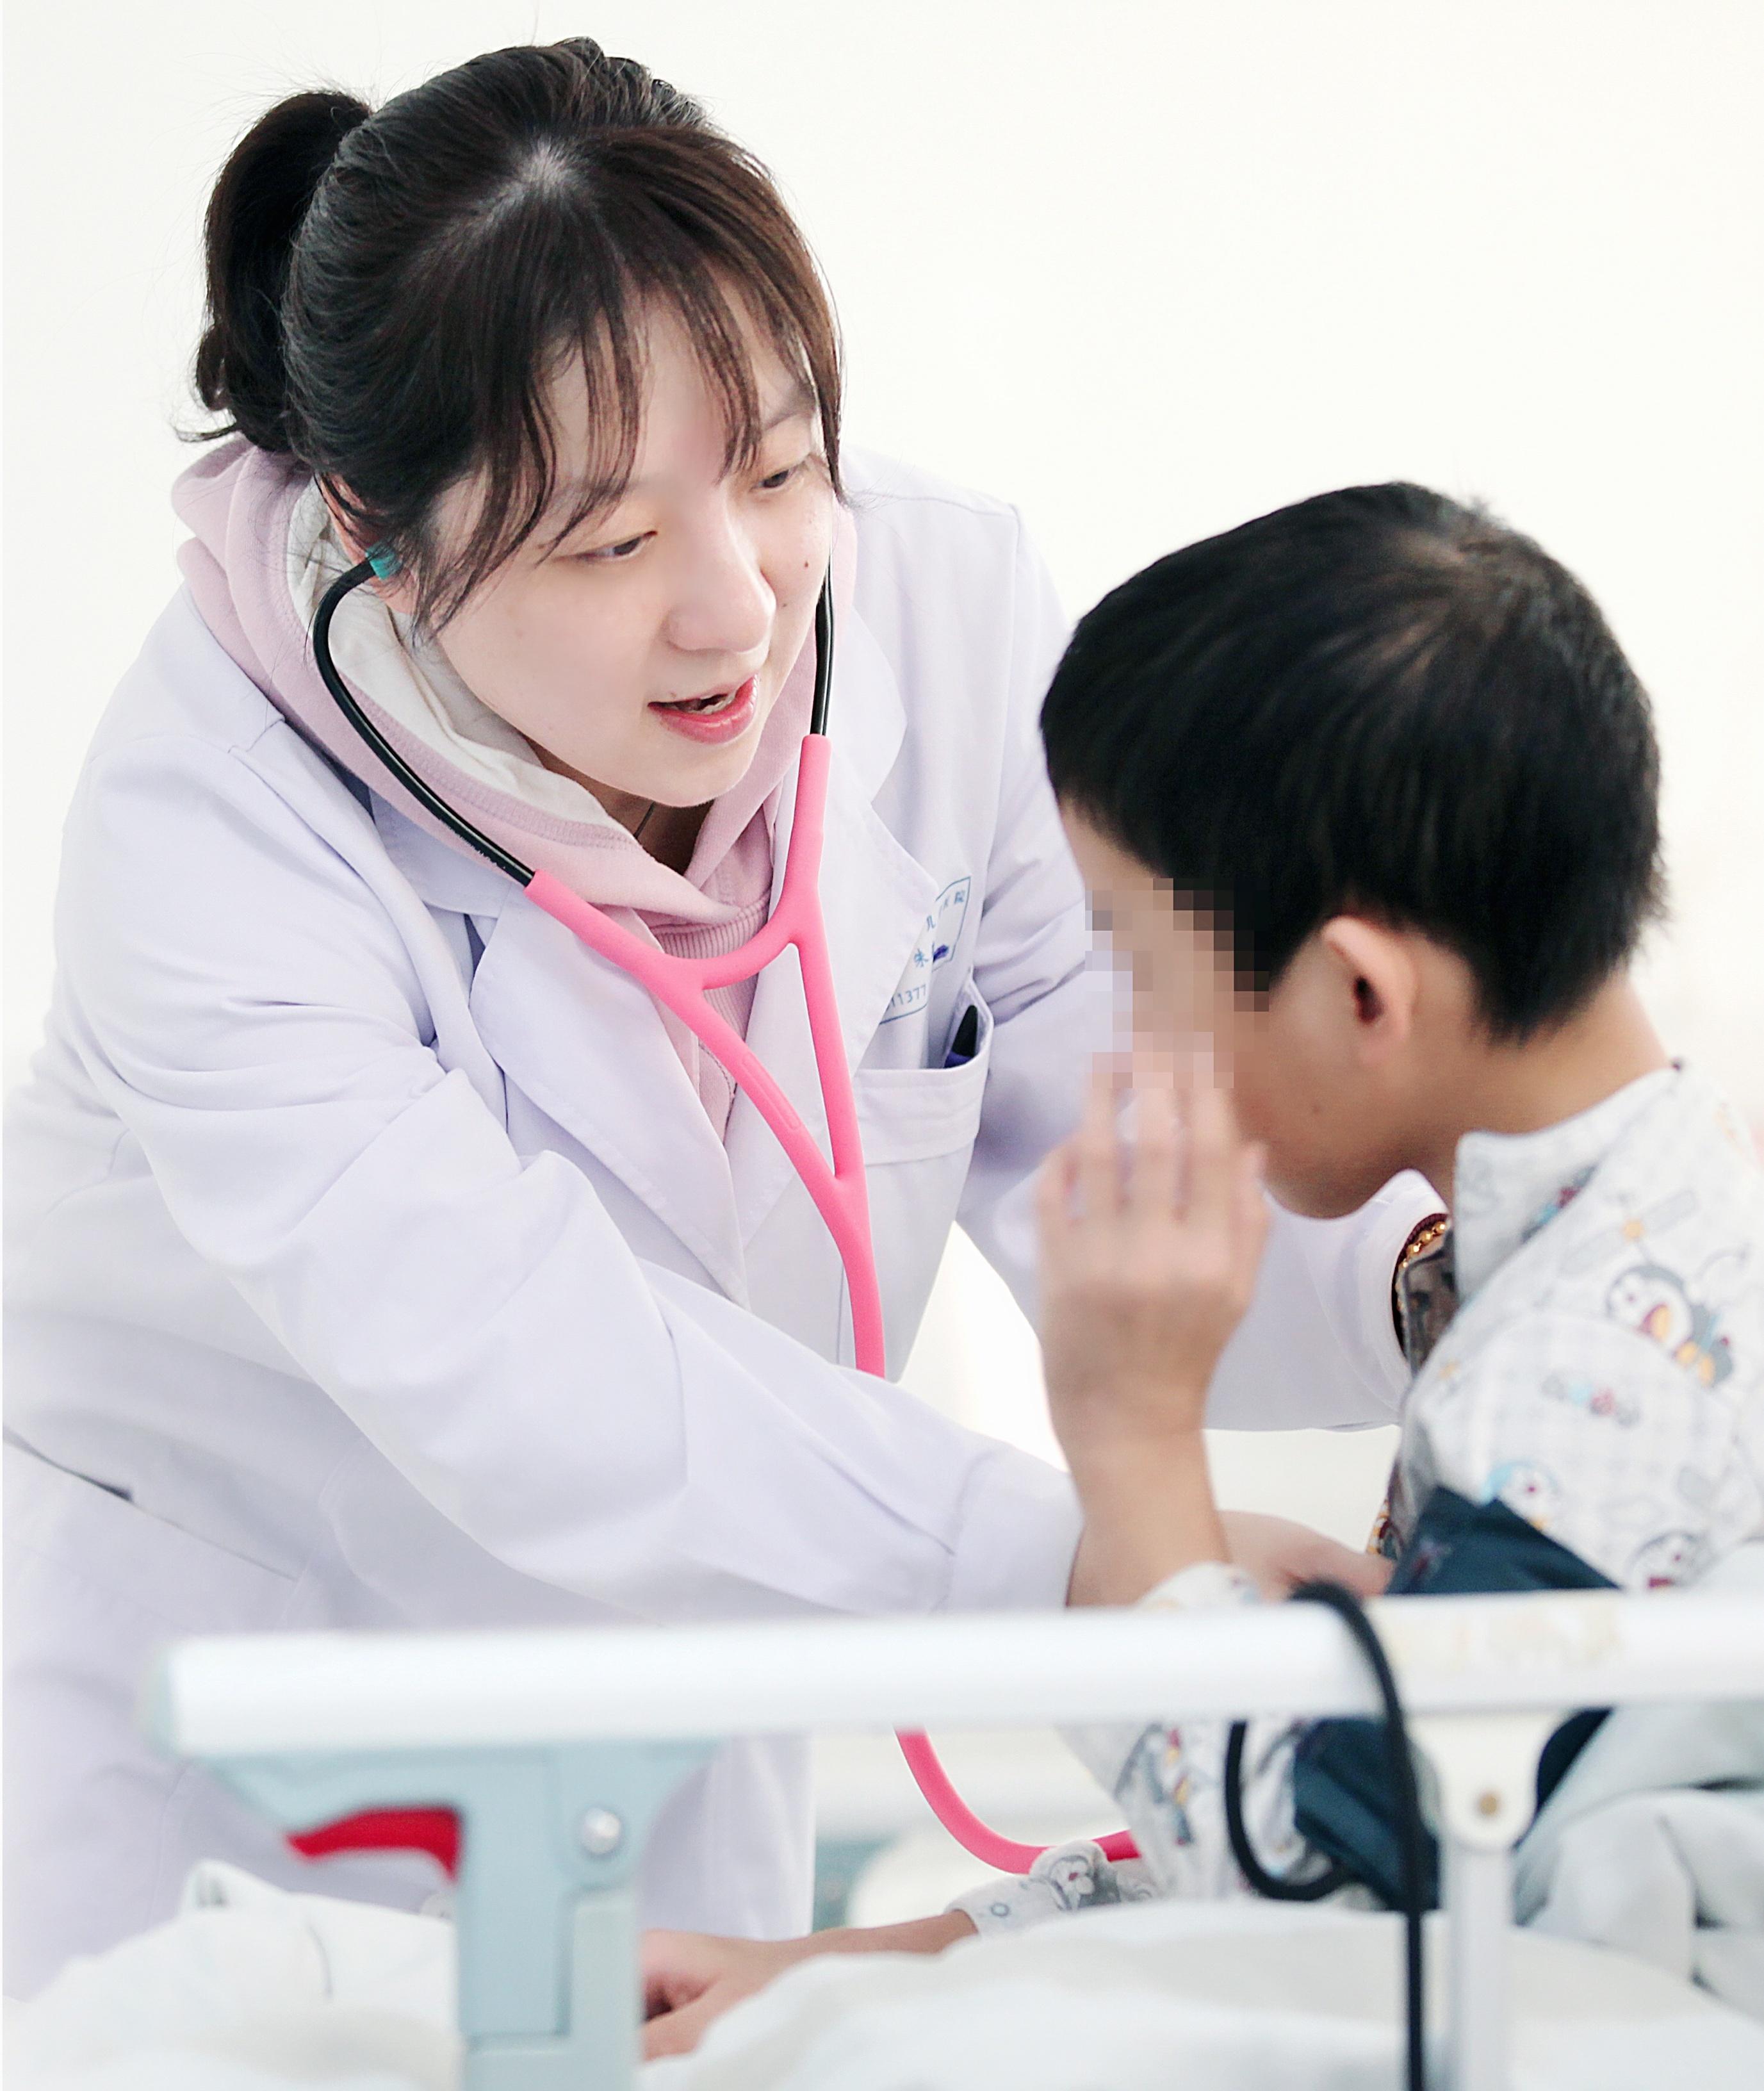 朱春华在为患儿做检查.jpg